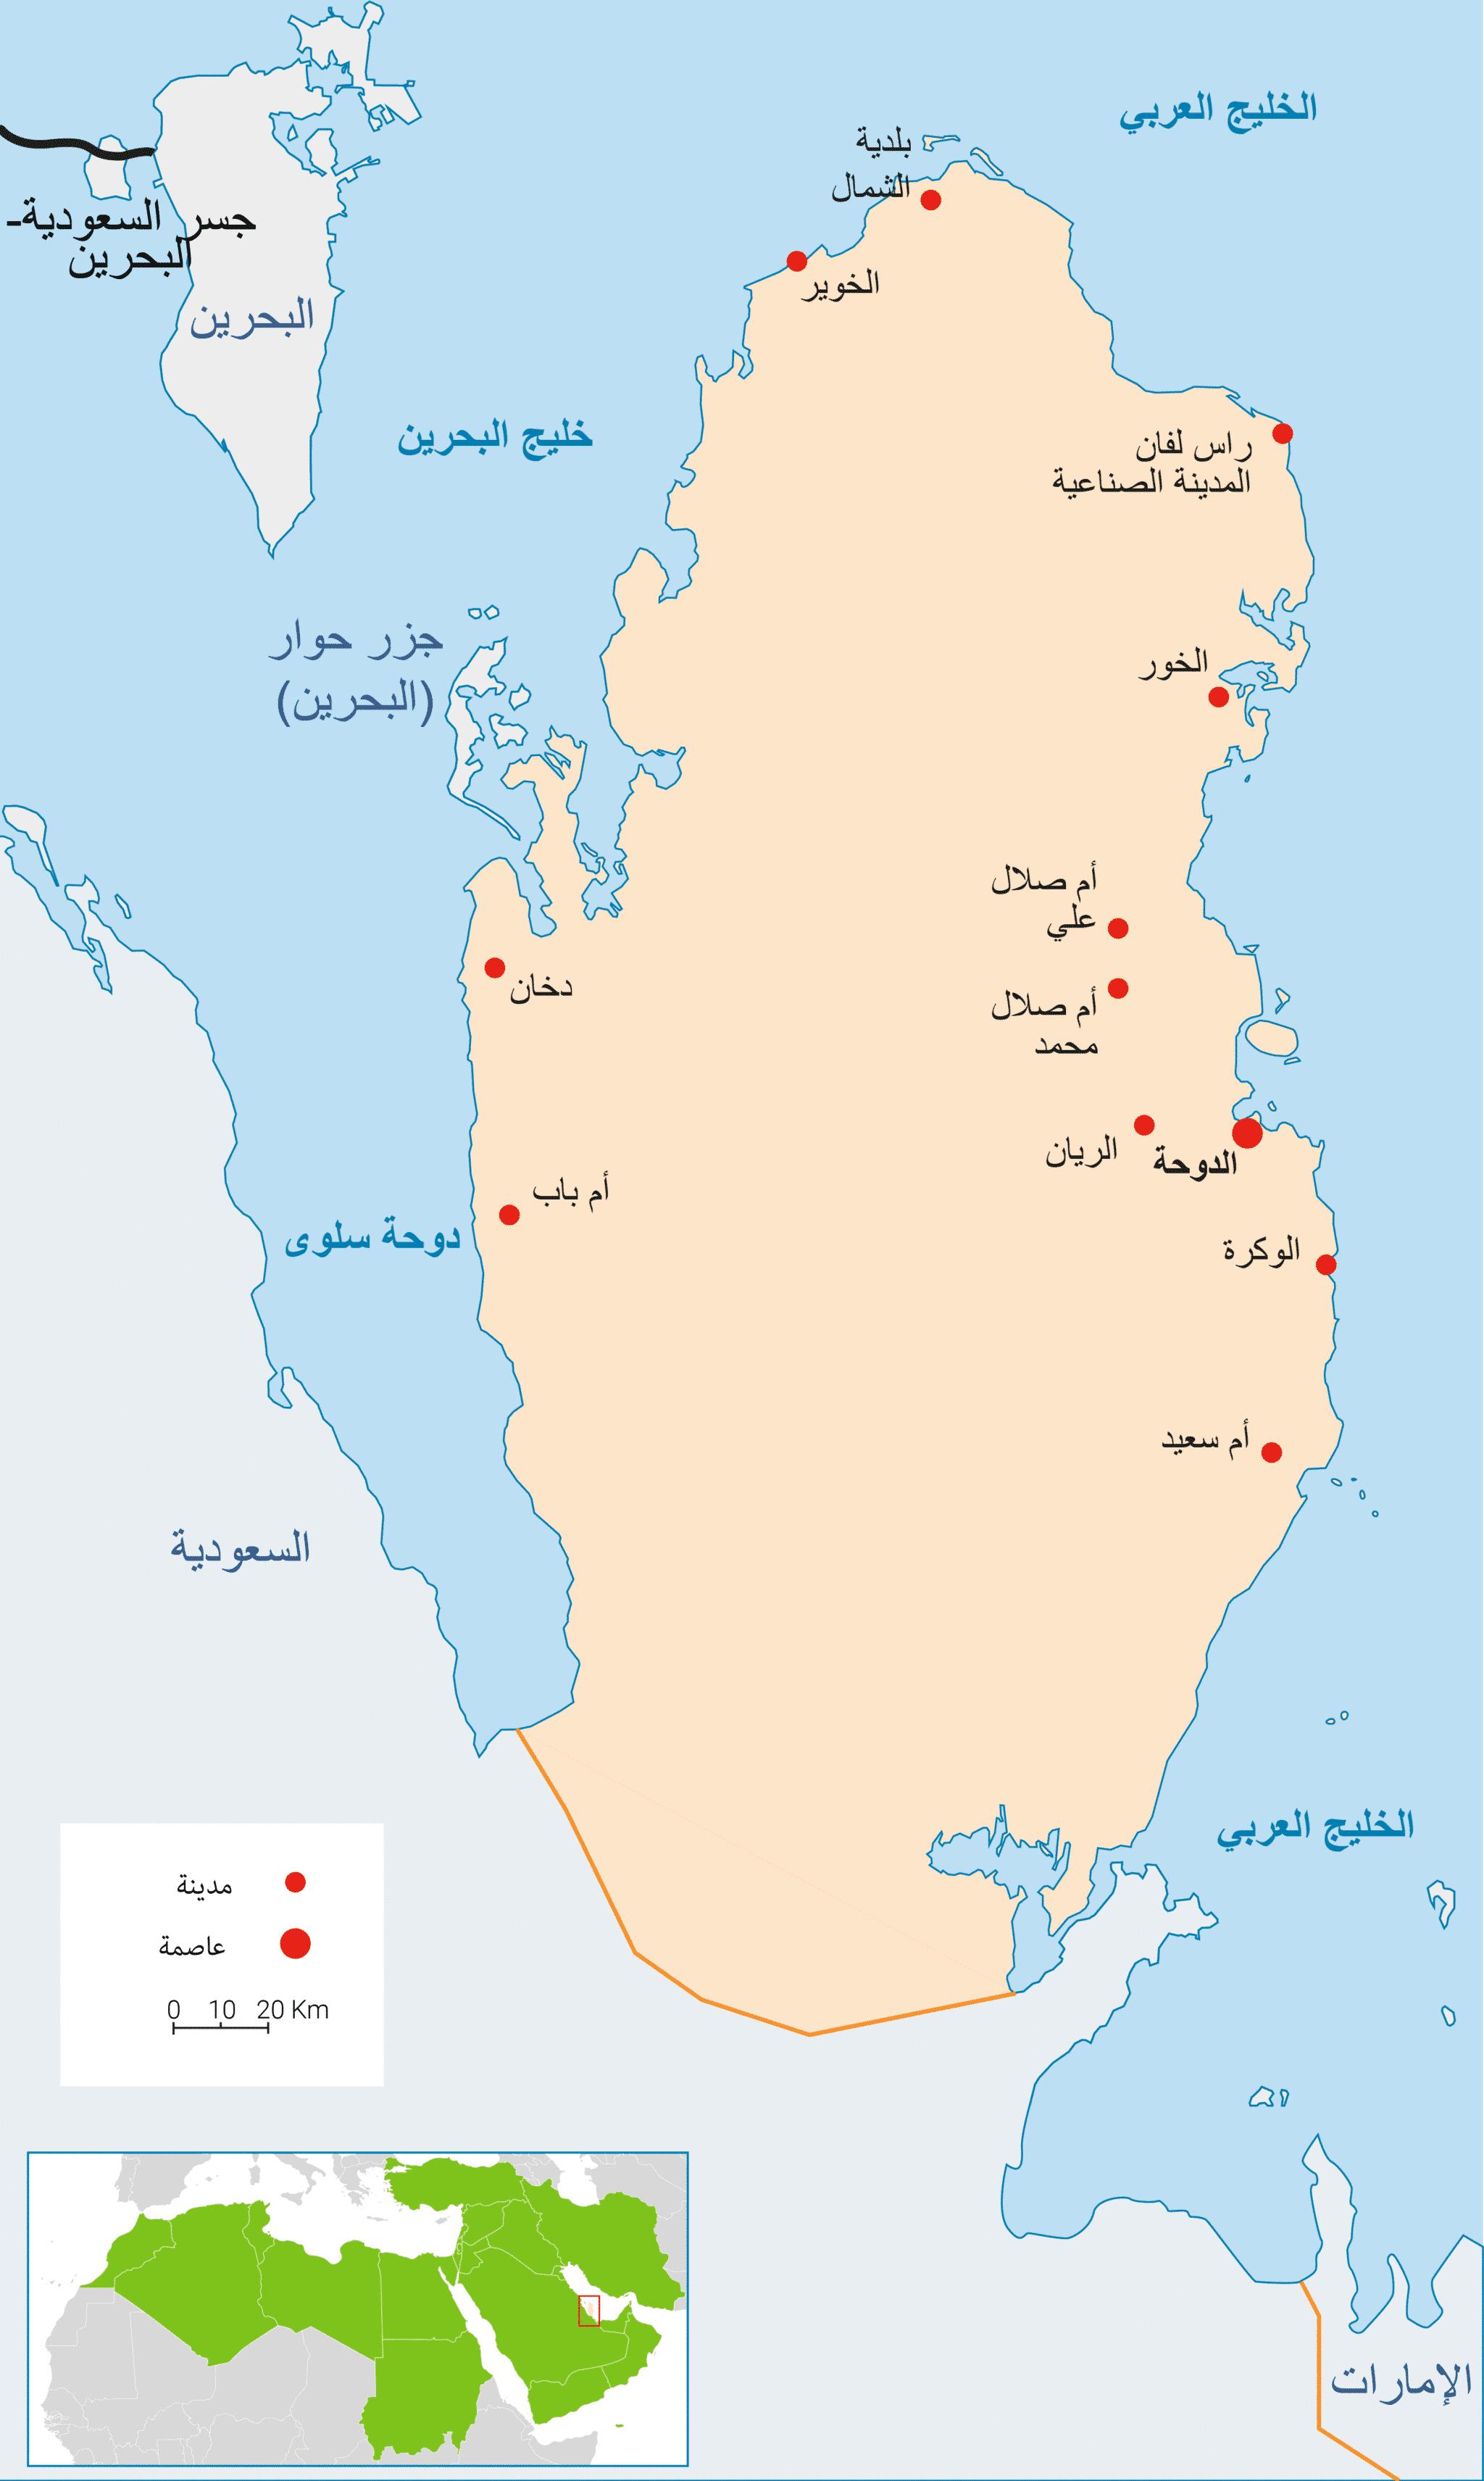 Qatar Energy Map AR 3000